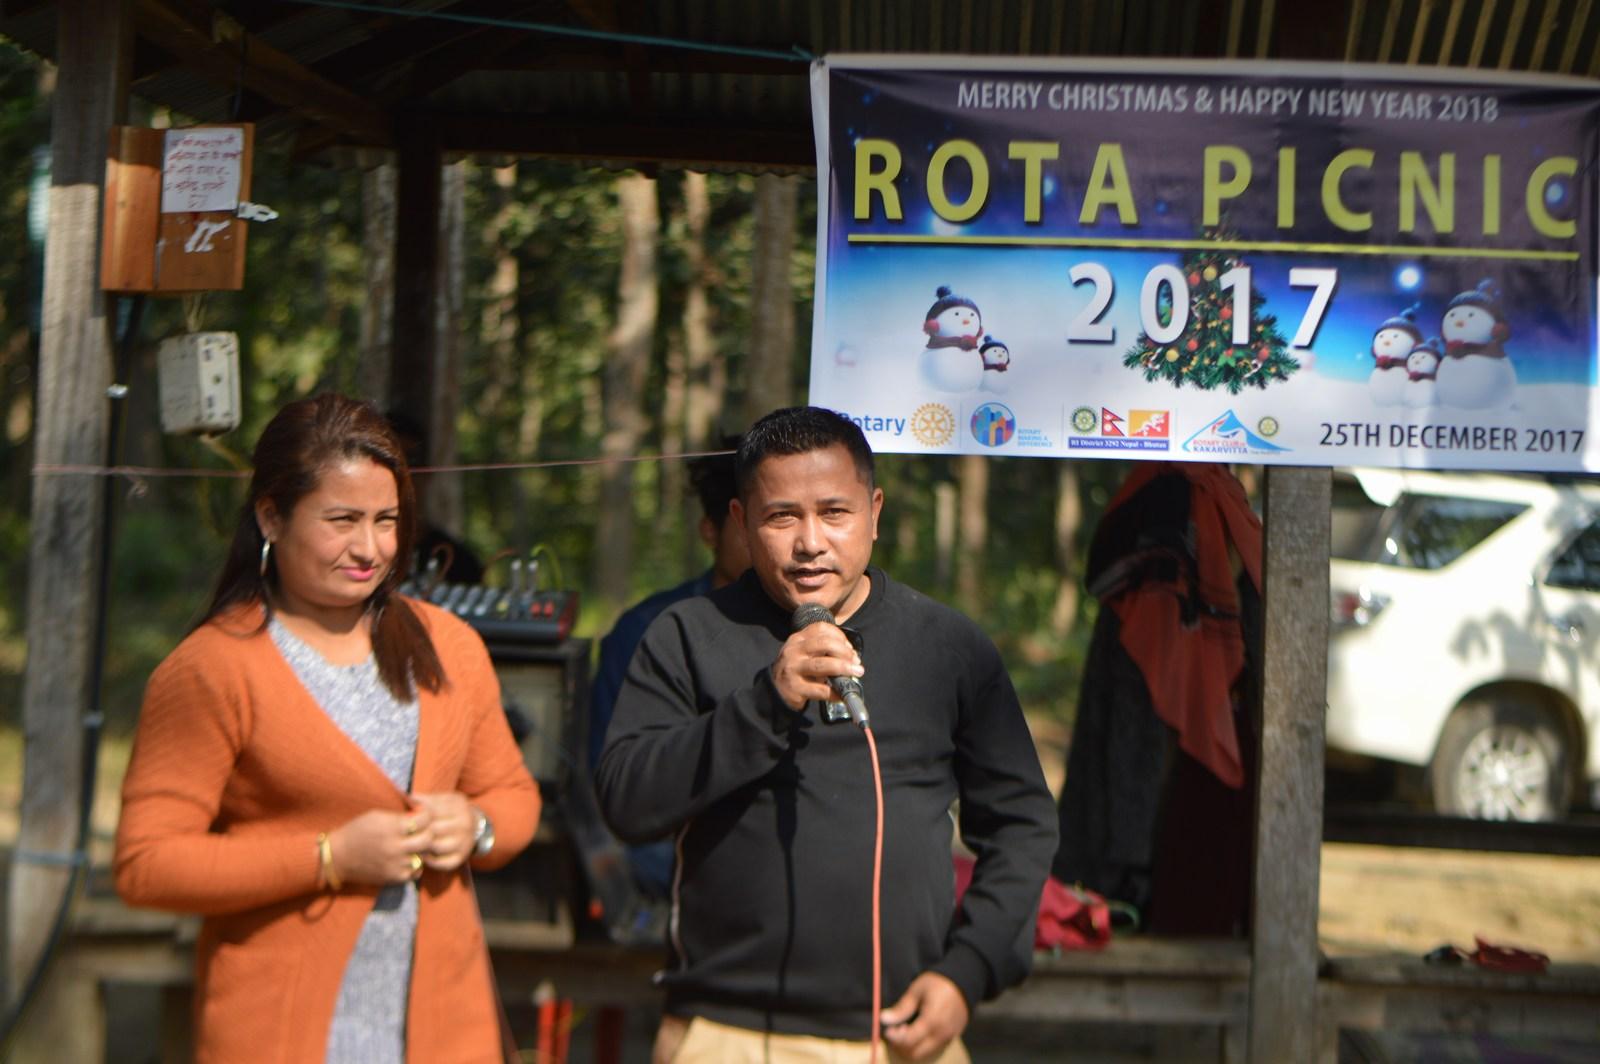 Rota-Picnic-2017-Rotary-Club-of-Kakarvitta-69